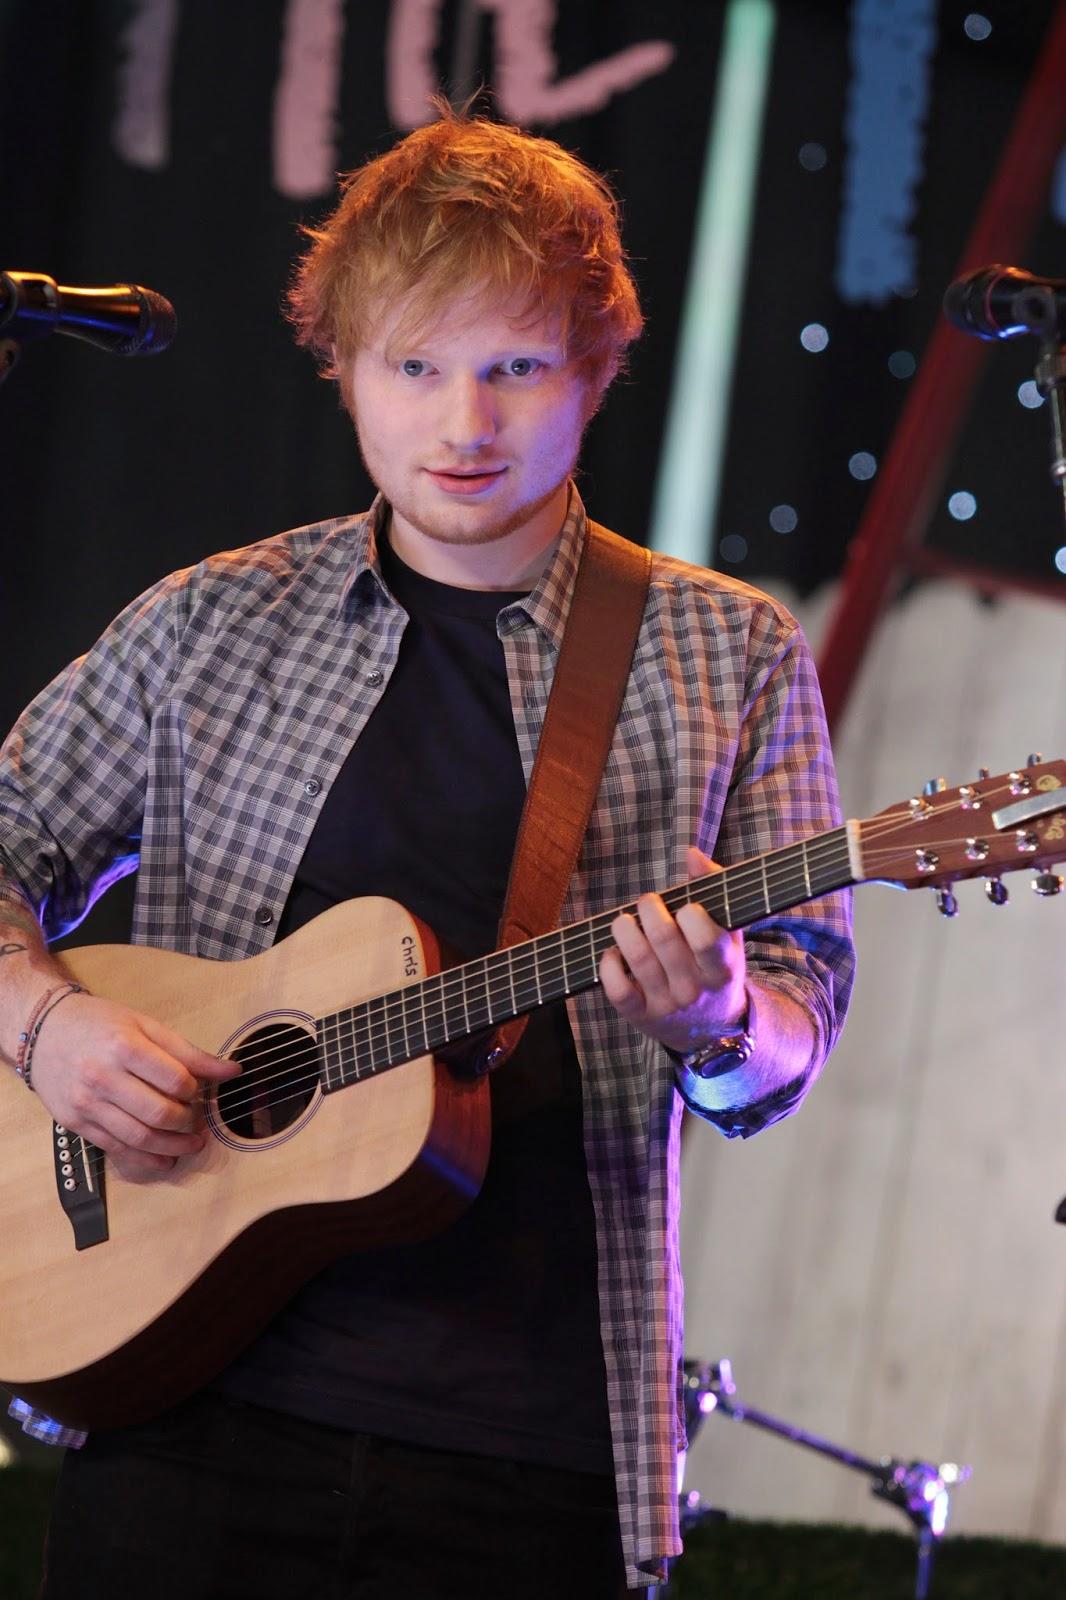 Kumpulan Lirik Lagu: All Of The Stars Lyrics - Ed Sheeran